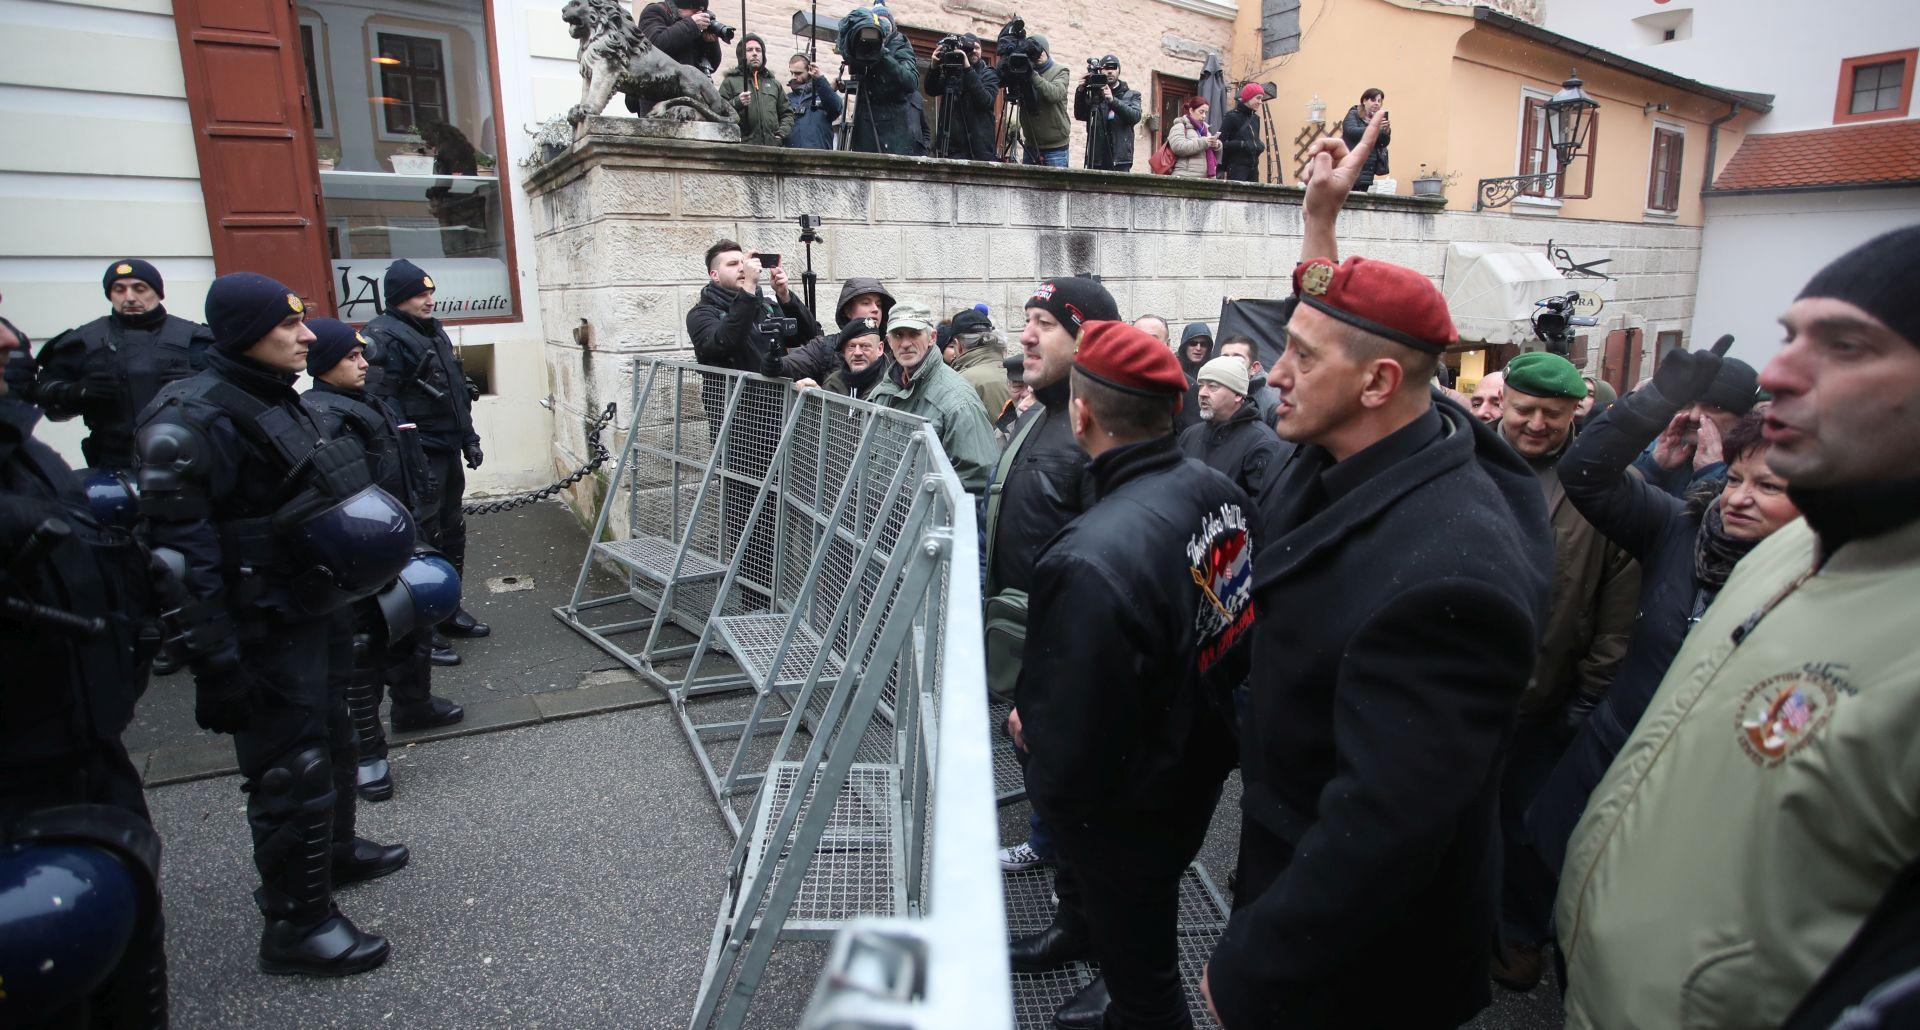 """Zbog """"neprimjerenog transparenta"""" na prosvjedu protiv Vučića privedena jedna osoba"""